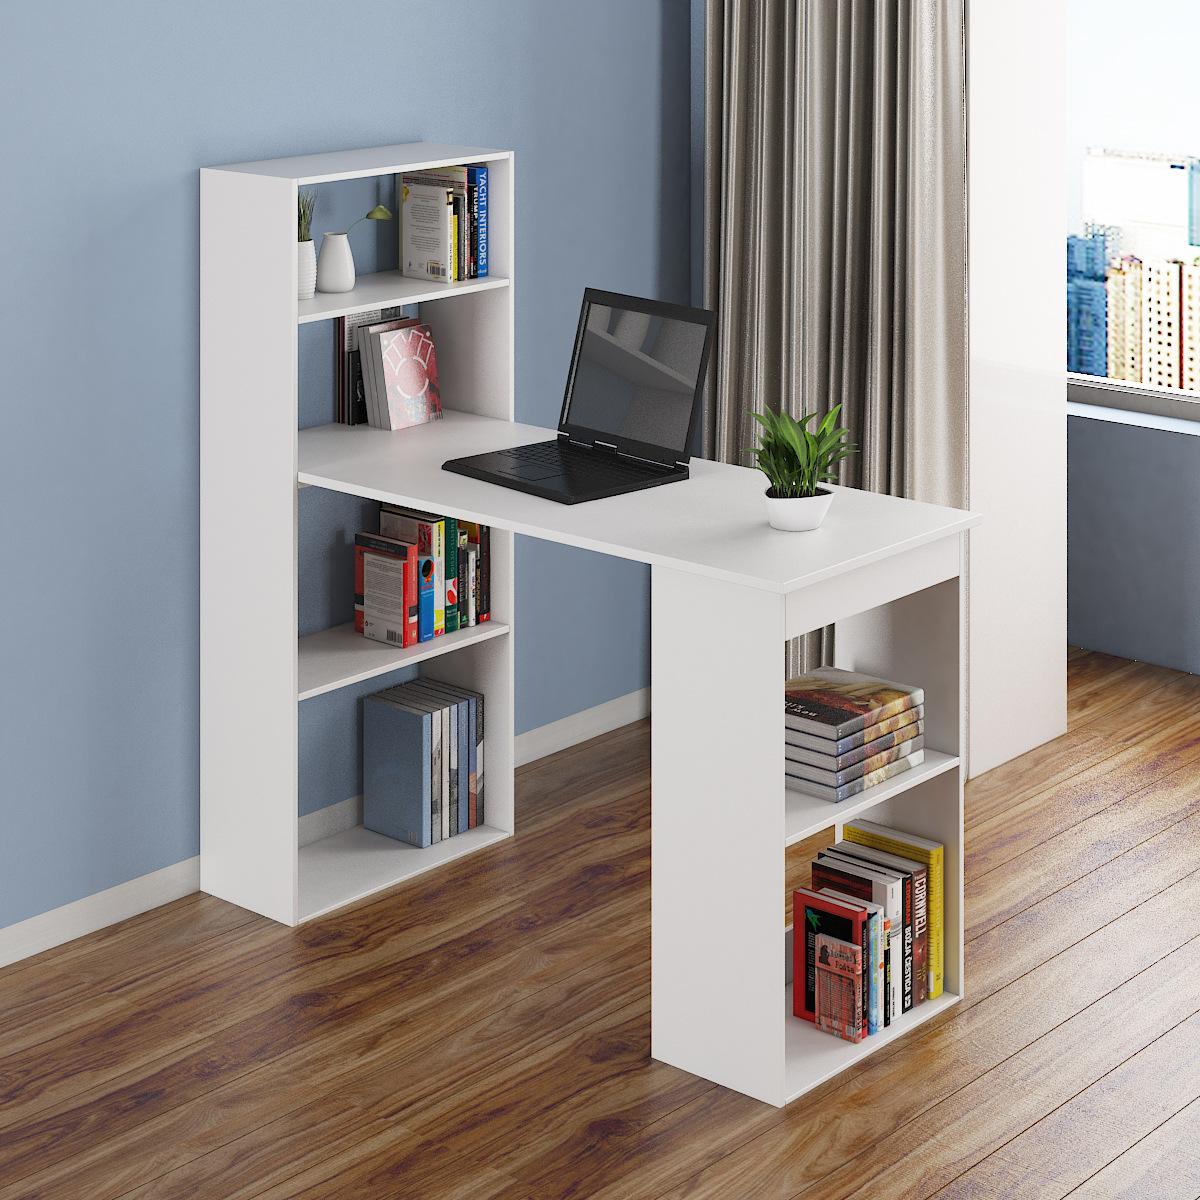 台式电脑桌现代简约壁挂卧室家用卧室书籍收纳柜可散热电脑桌